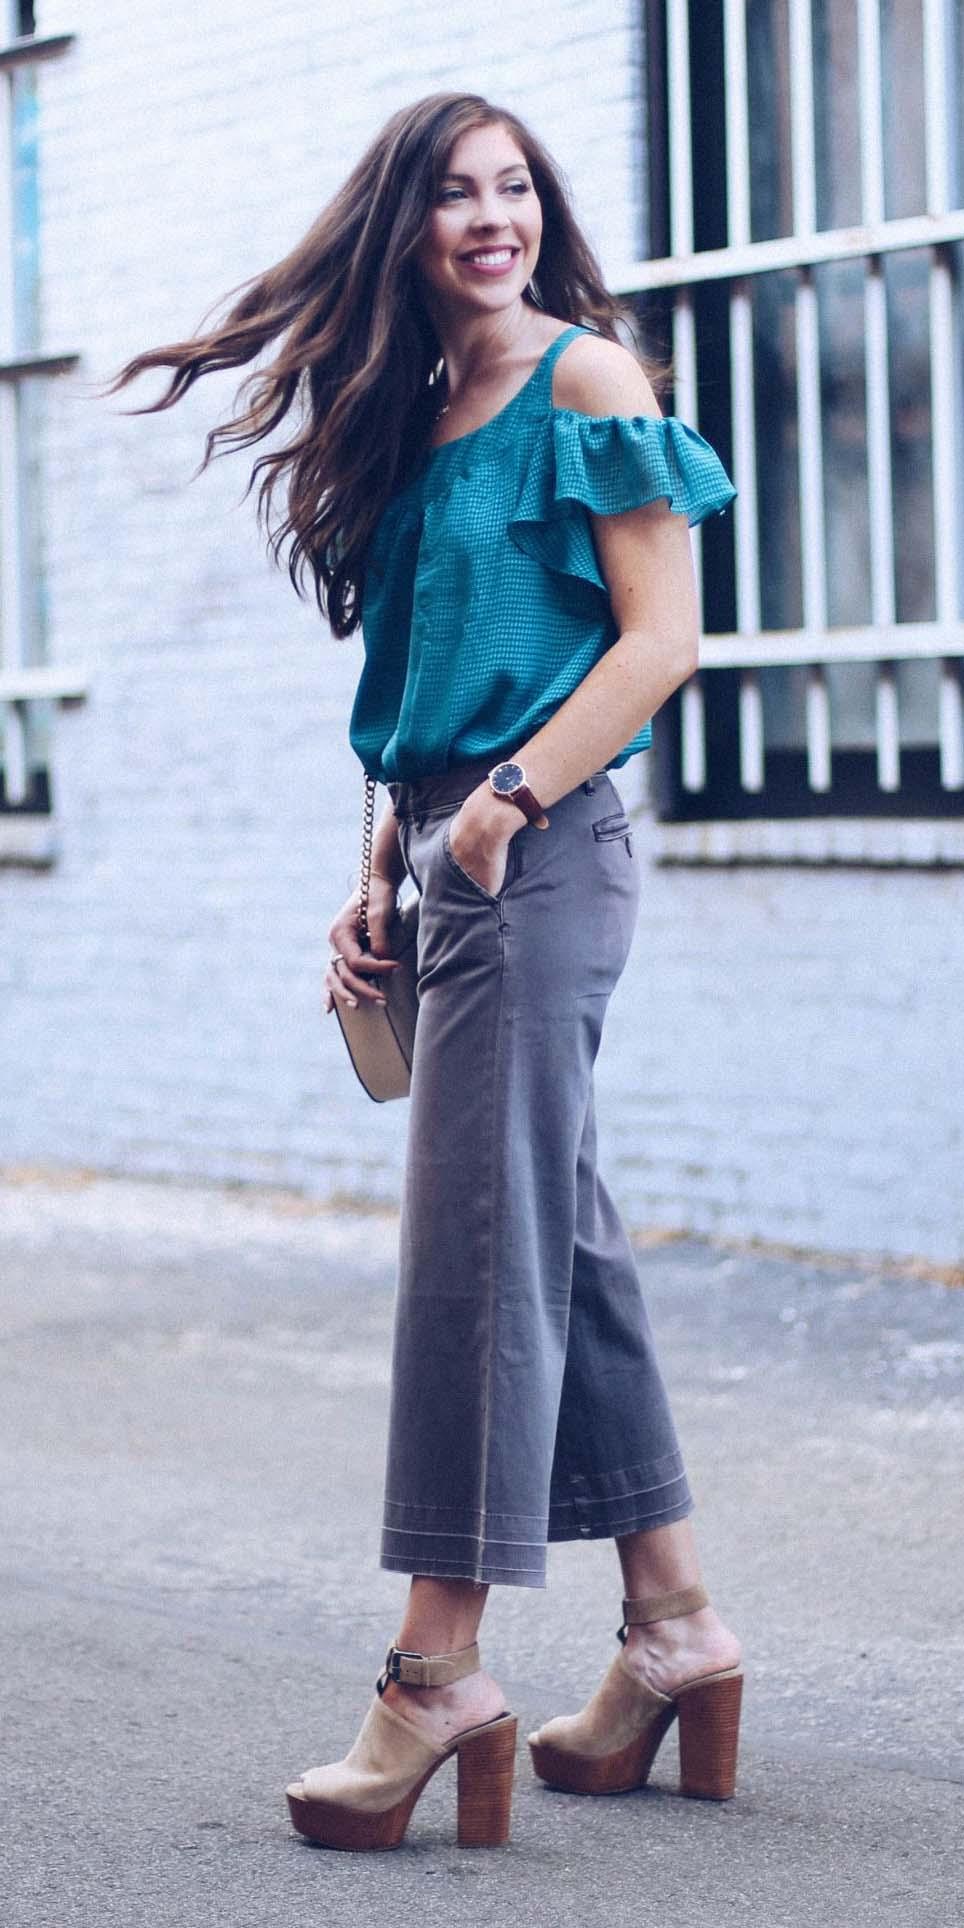 grayd-culottes-pants-blue-med-top-blouse-offshoulder-tan-shoe-sandalh-platforms-spring-summer-hairr-dinner.jpg